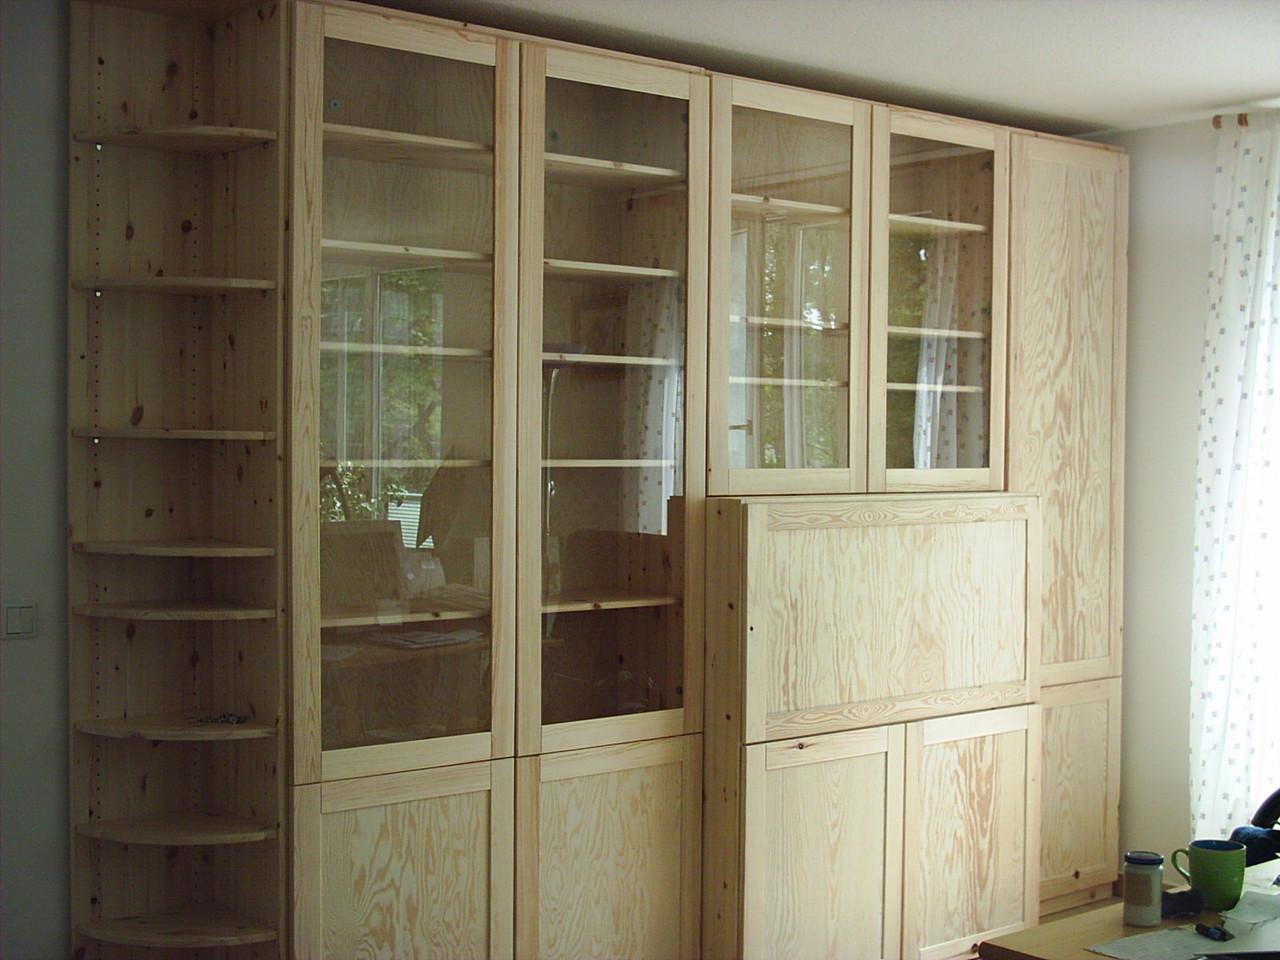 Wohnzimmerschrank- Kiefernholz- Oberfläche gewachst